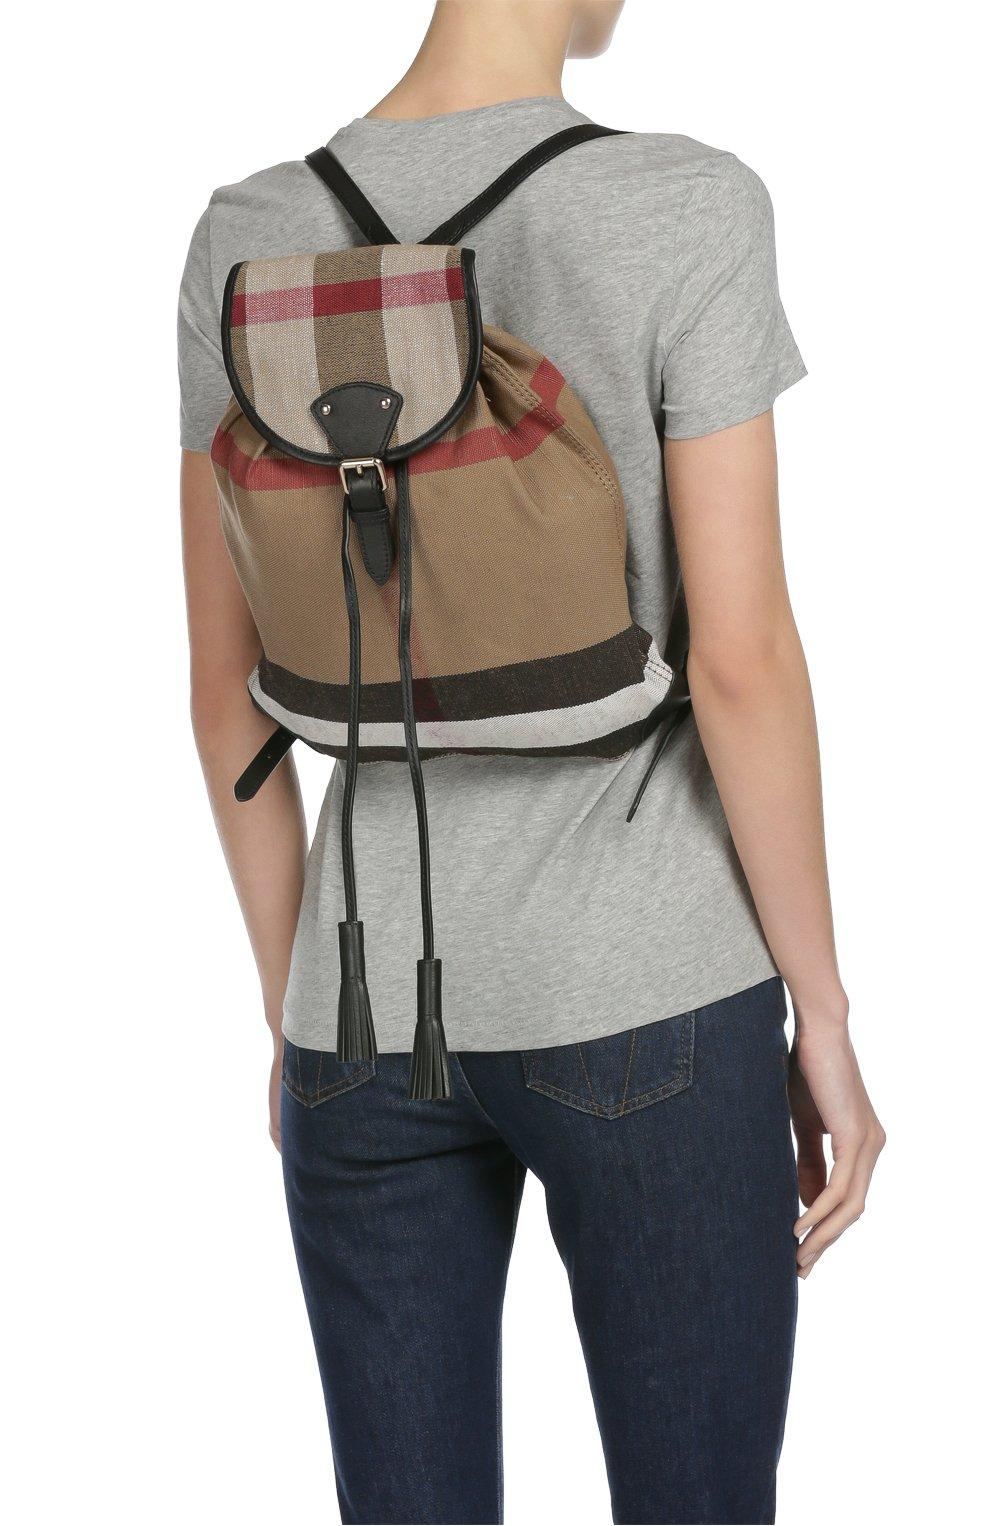 Рюкзак Chiltern из клетчатого текстиля с кожаной отделкой | Фото №7